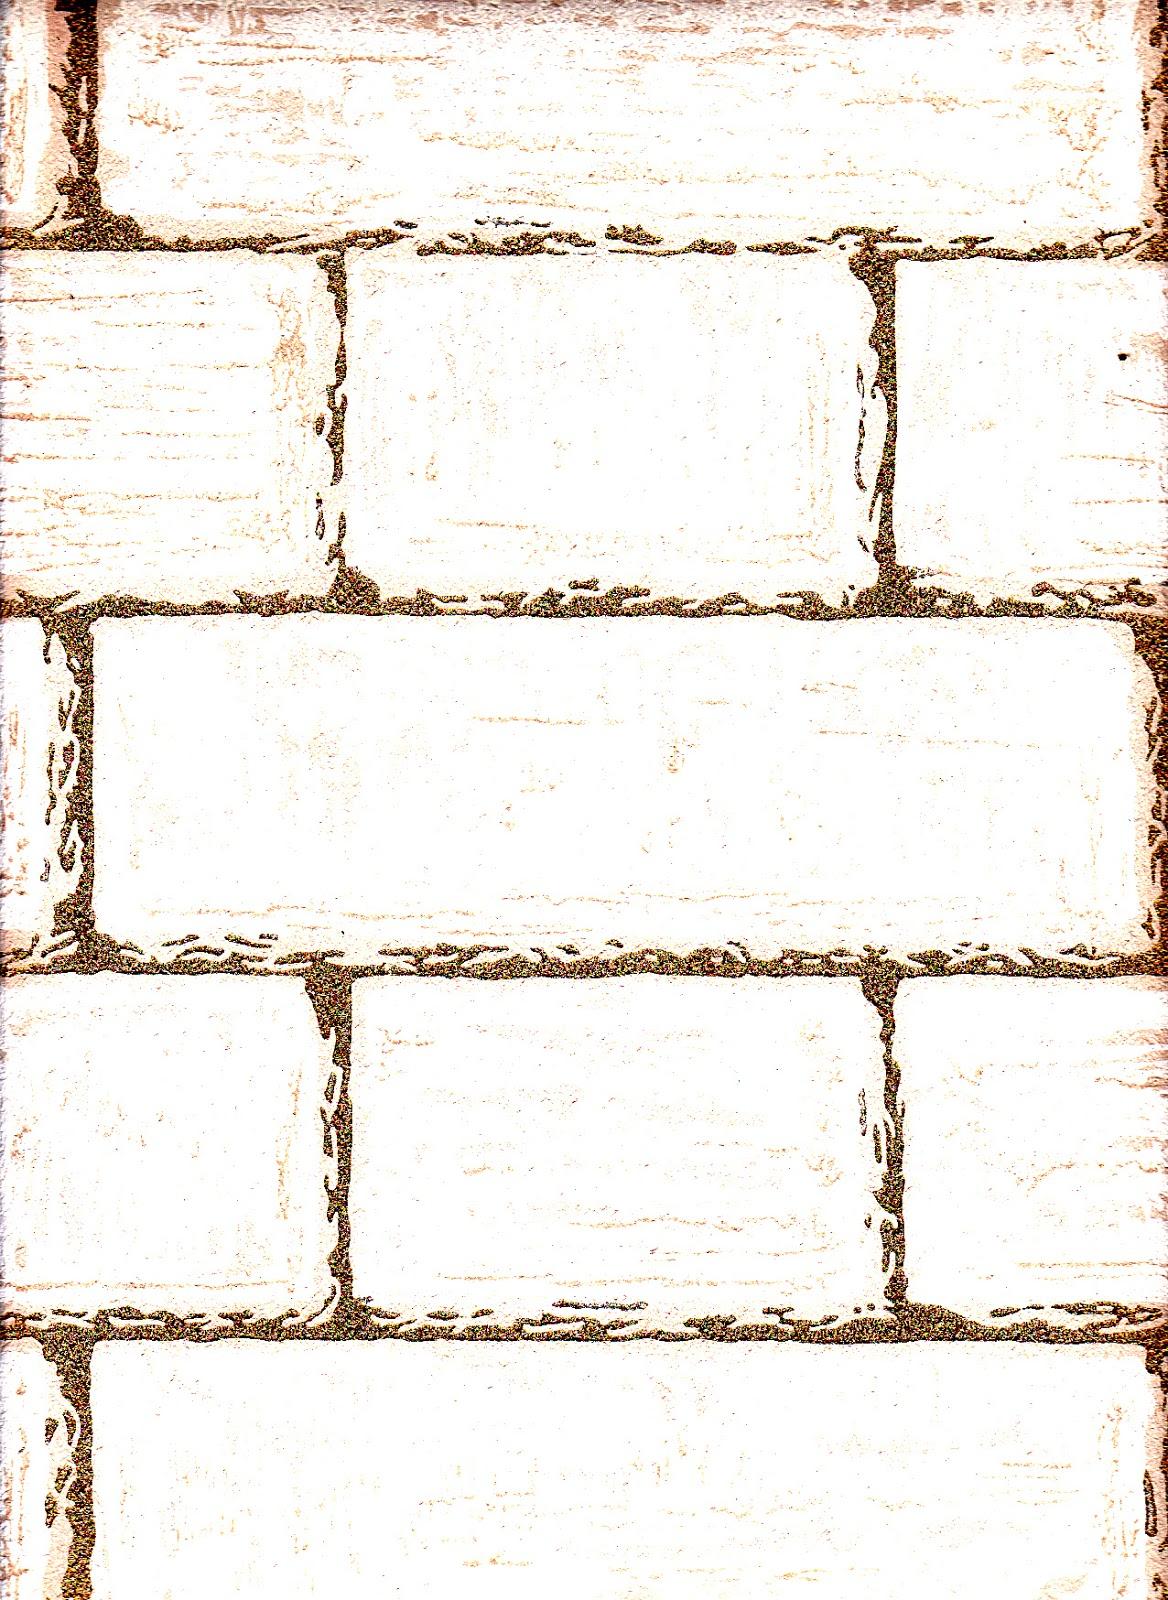 http://4.bp.blogspot.com/--ARYUJm8U0A/UTjn6dqM2XI/AAAAAAAAB5o/MlCAAUA5Cjo/s1600/more+vintage+wallpaper_0013.jpg